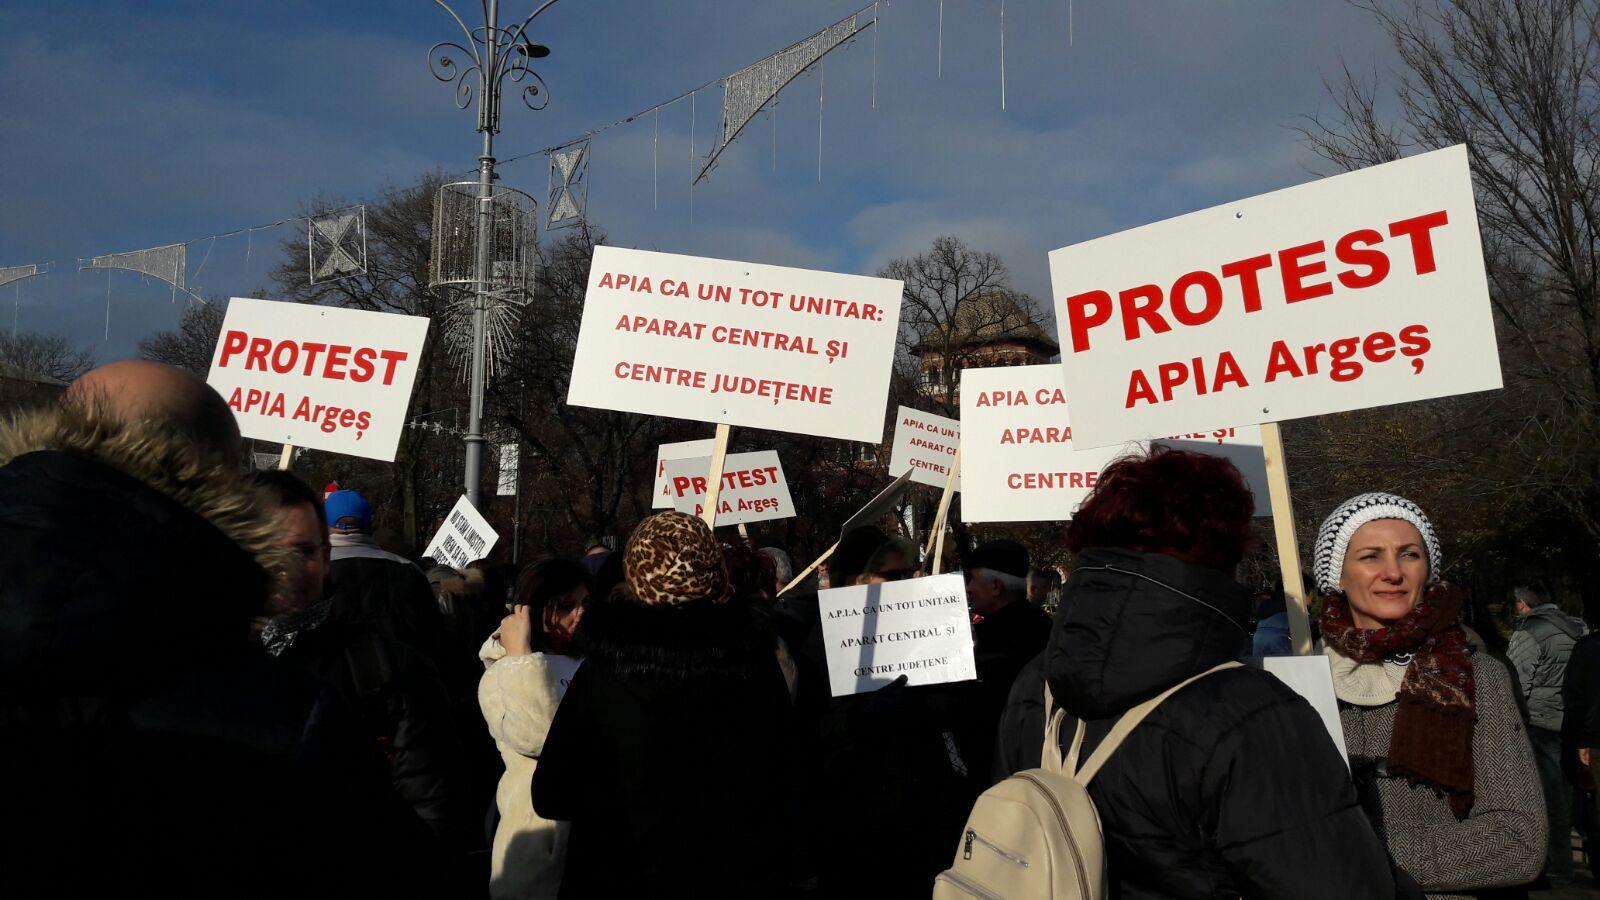 Angajaţii APIA protesteaza în Piaţa Victoriei. Oamenii, nemulţumiţi de grila de salarizare